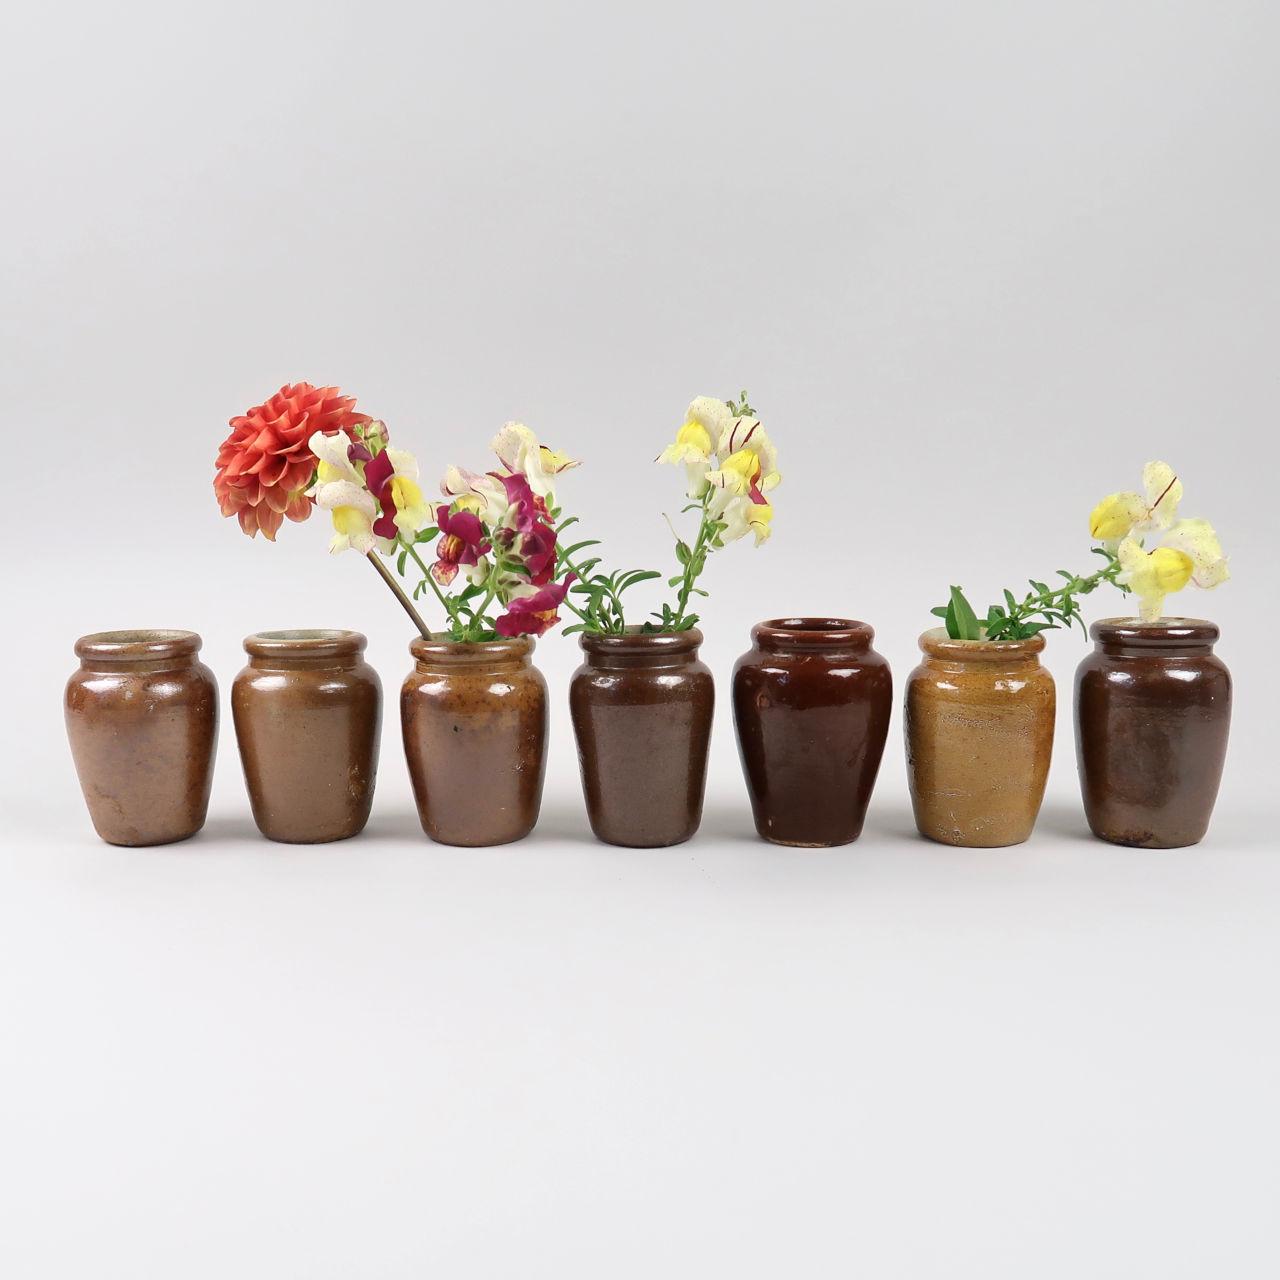 Vintage Stoneware Cream Jars